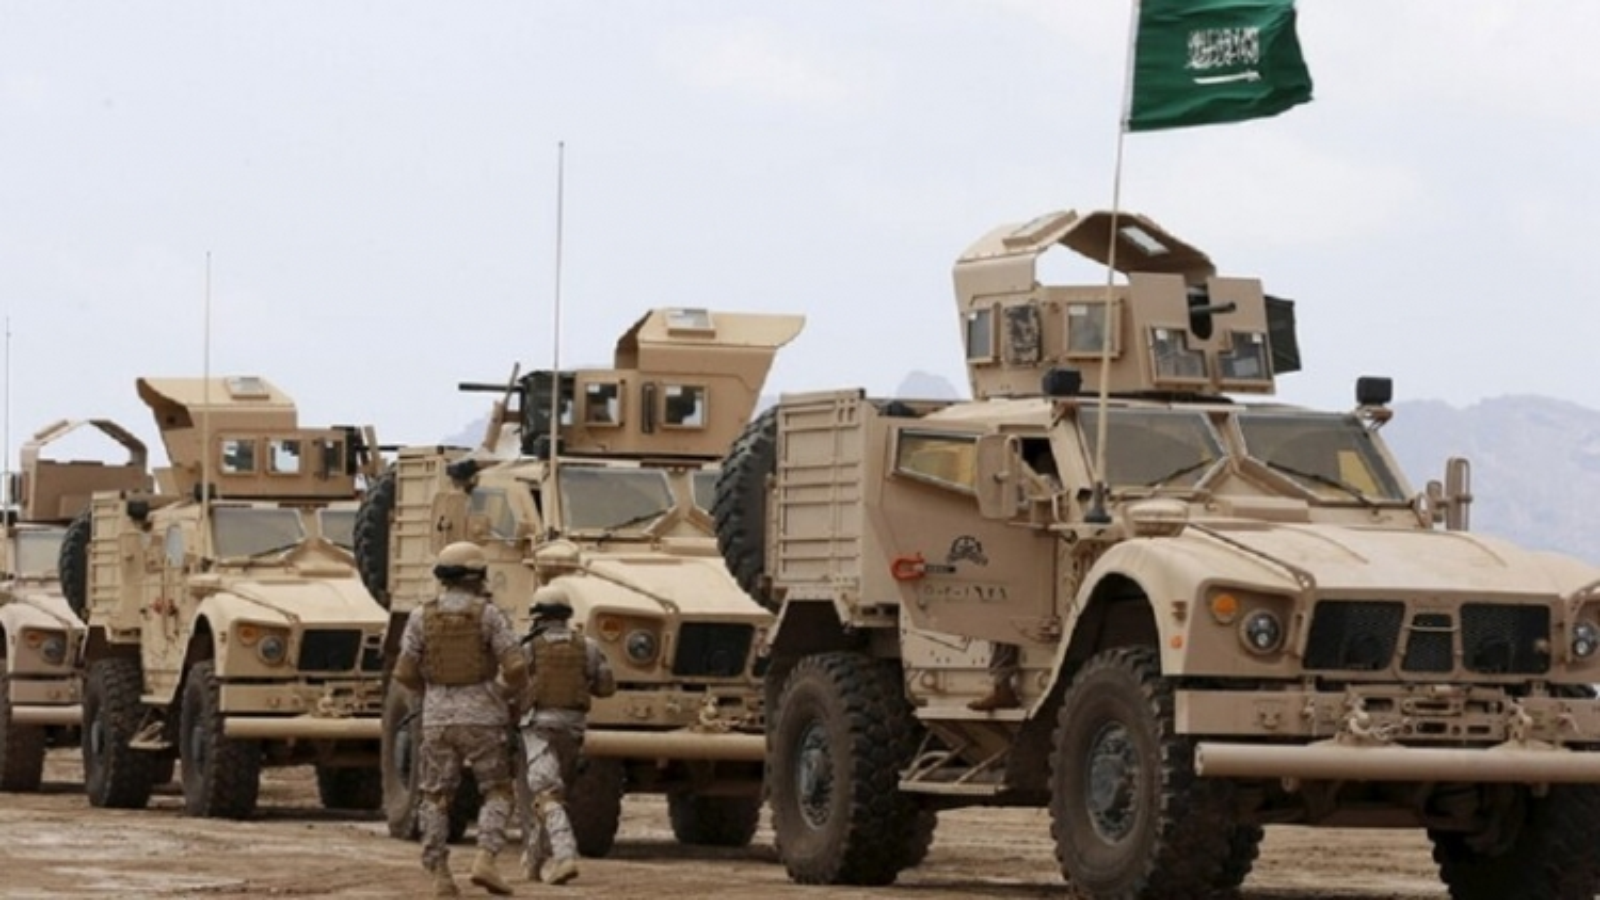 Italy ngừng bán vũ khí cho Saudi Arabia và UAE